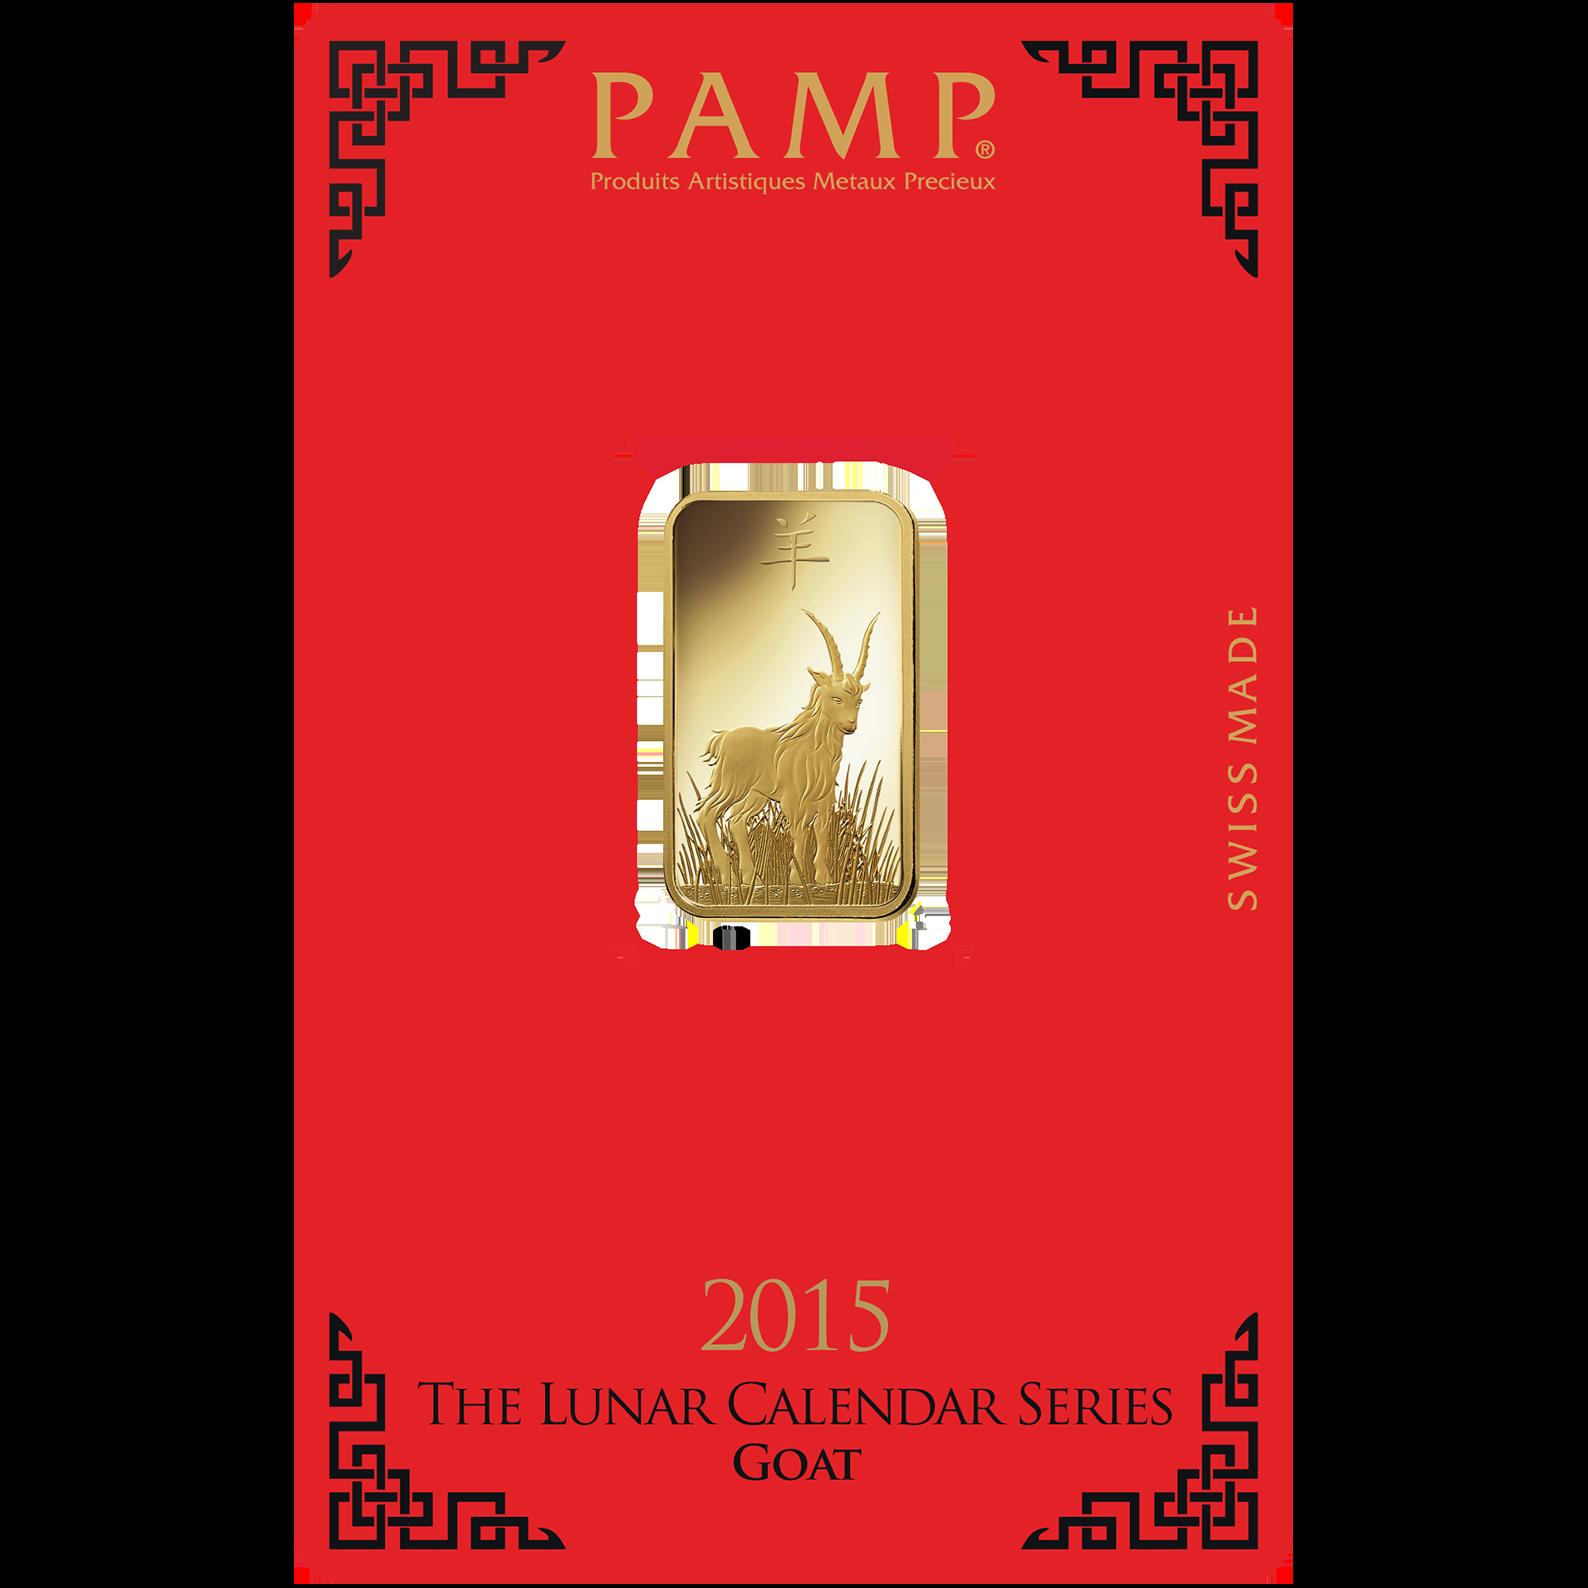 Lingotin d'or de 5 grammes - PAMP Suisse Lunar Chèvre